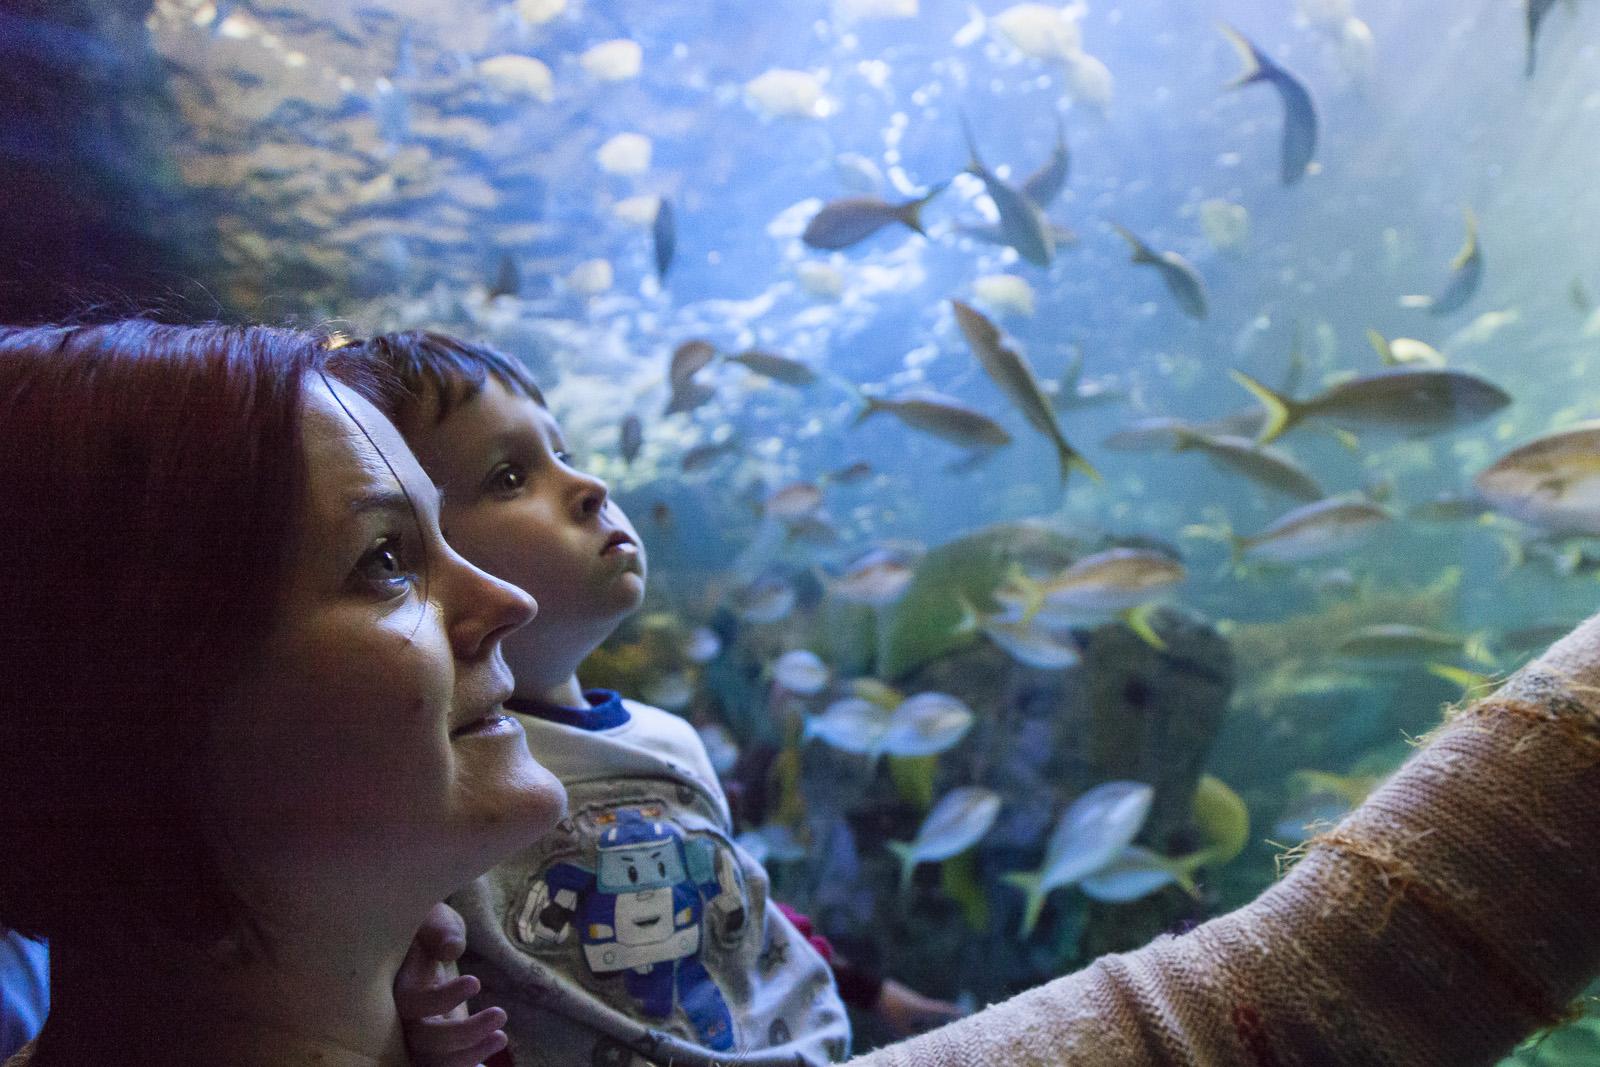 aquarium-007.jpg